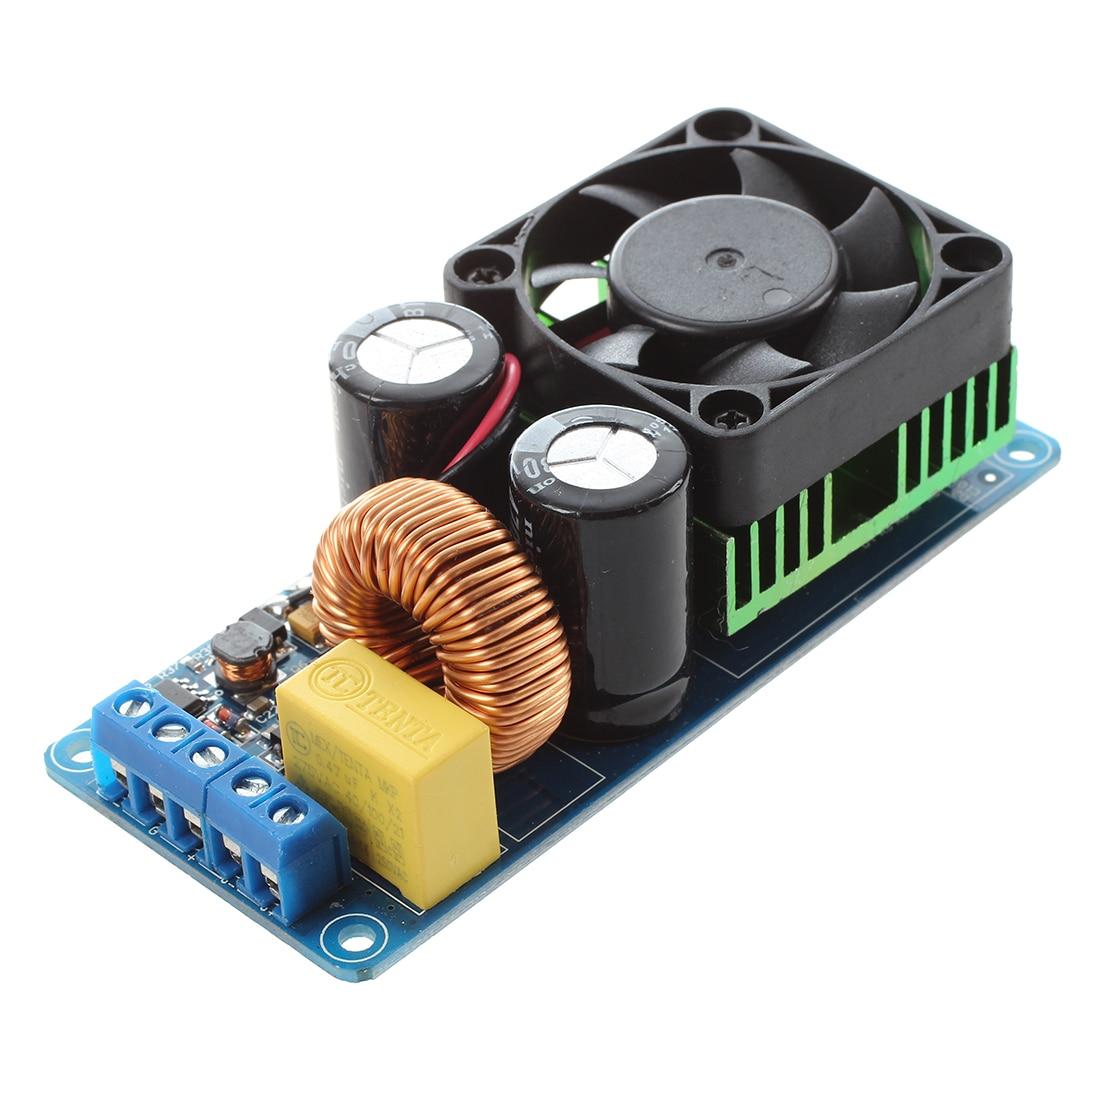 IRS2092S 500W Mono Channel Digital Amplifier Class D HIFI Power Amp Board with FAN irs2092s 500w mono channel digital amplifier board class d hifi power amp board digital amplifier module high quality